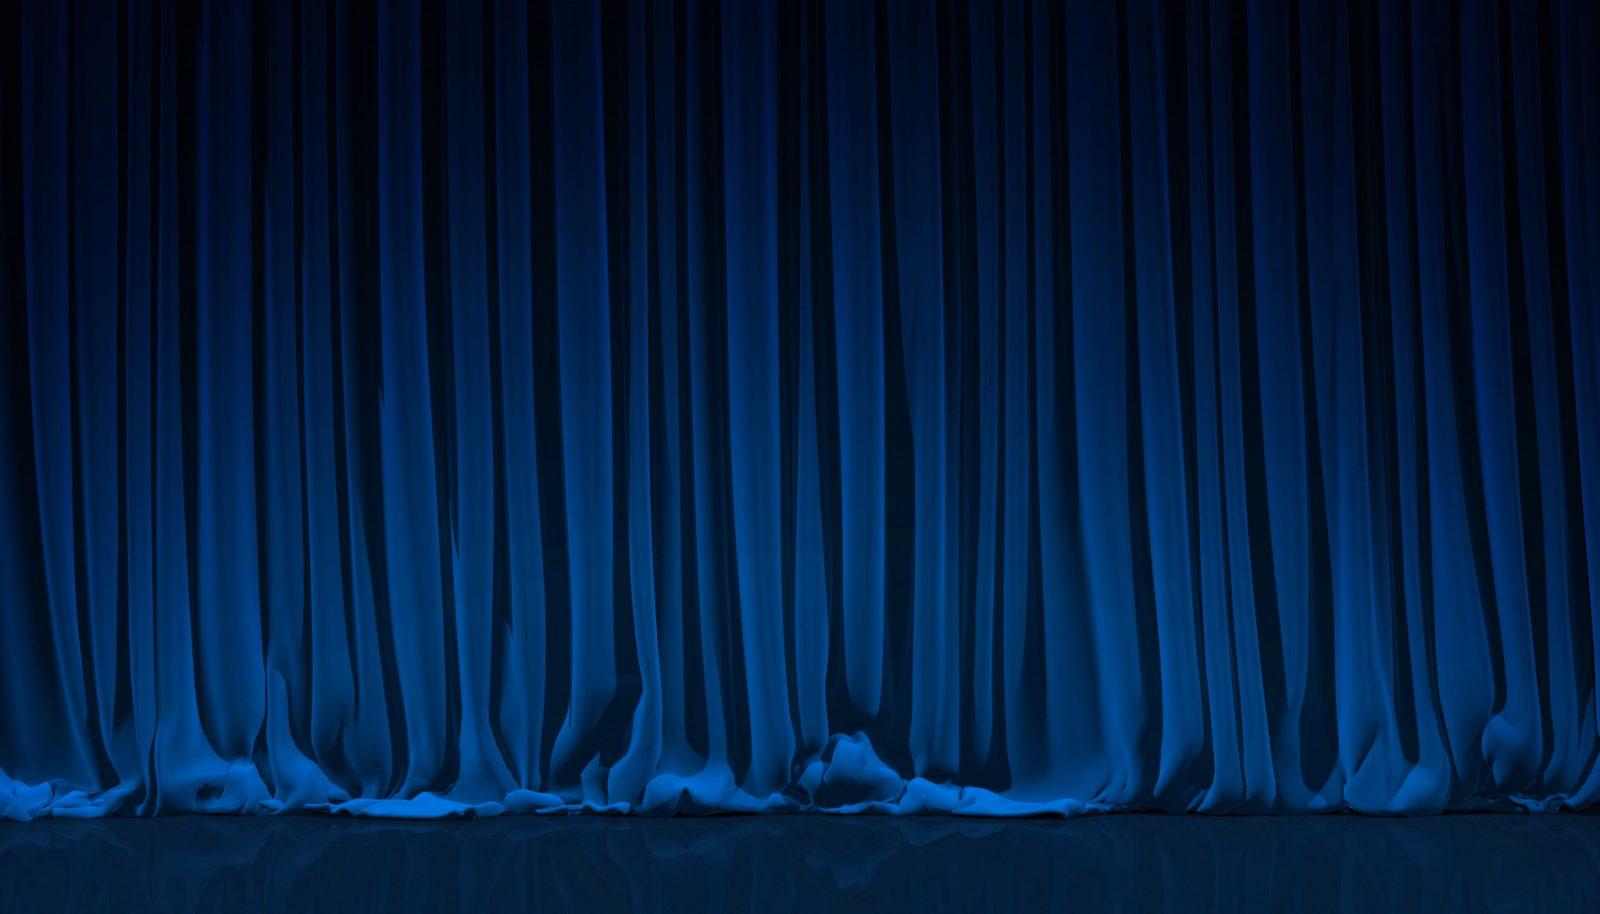 Foto, ridå mörkblå